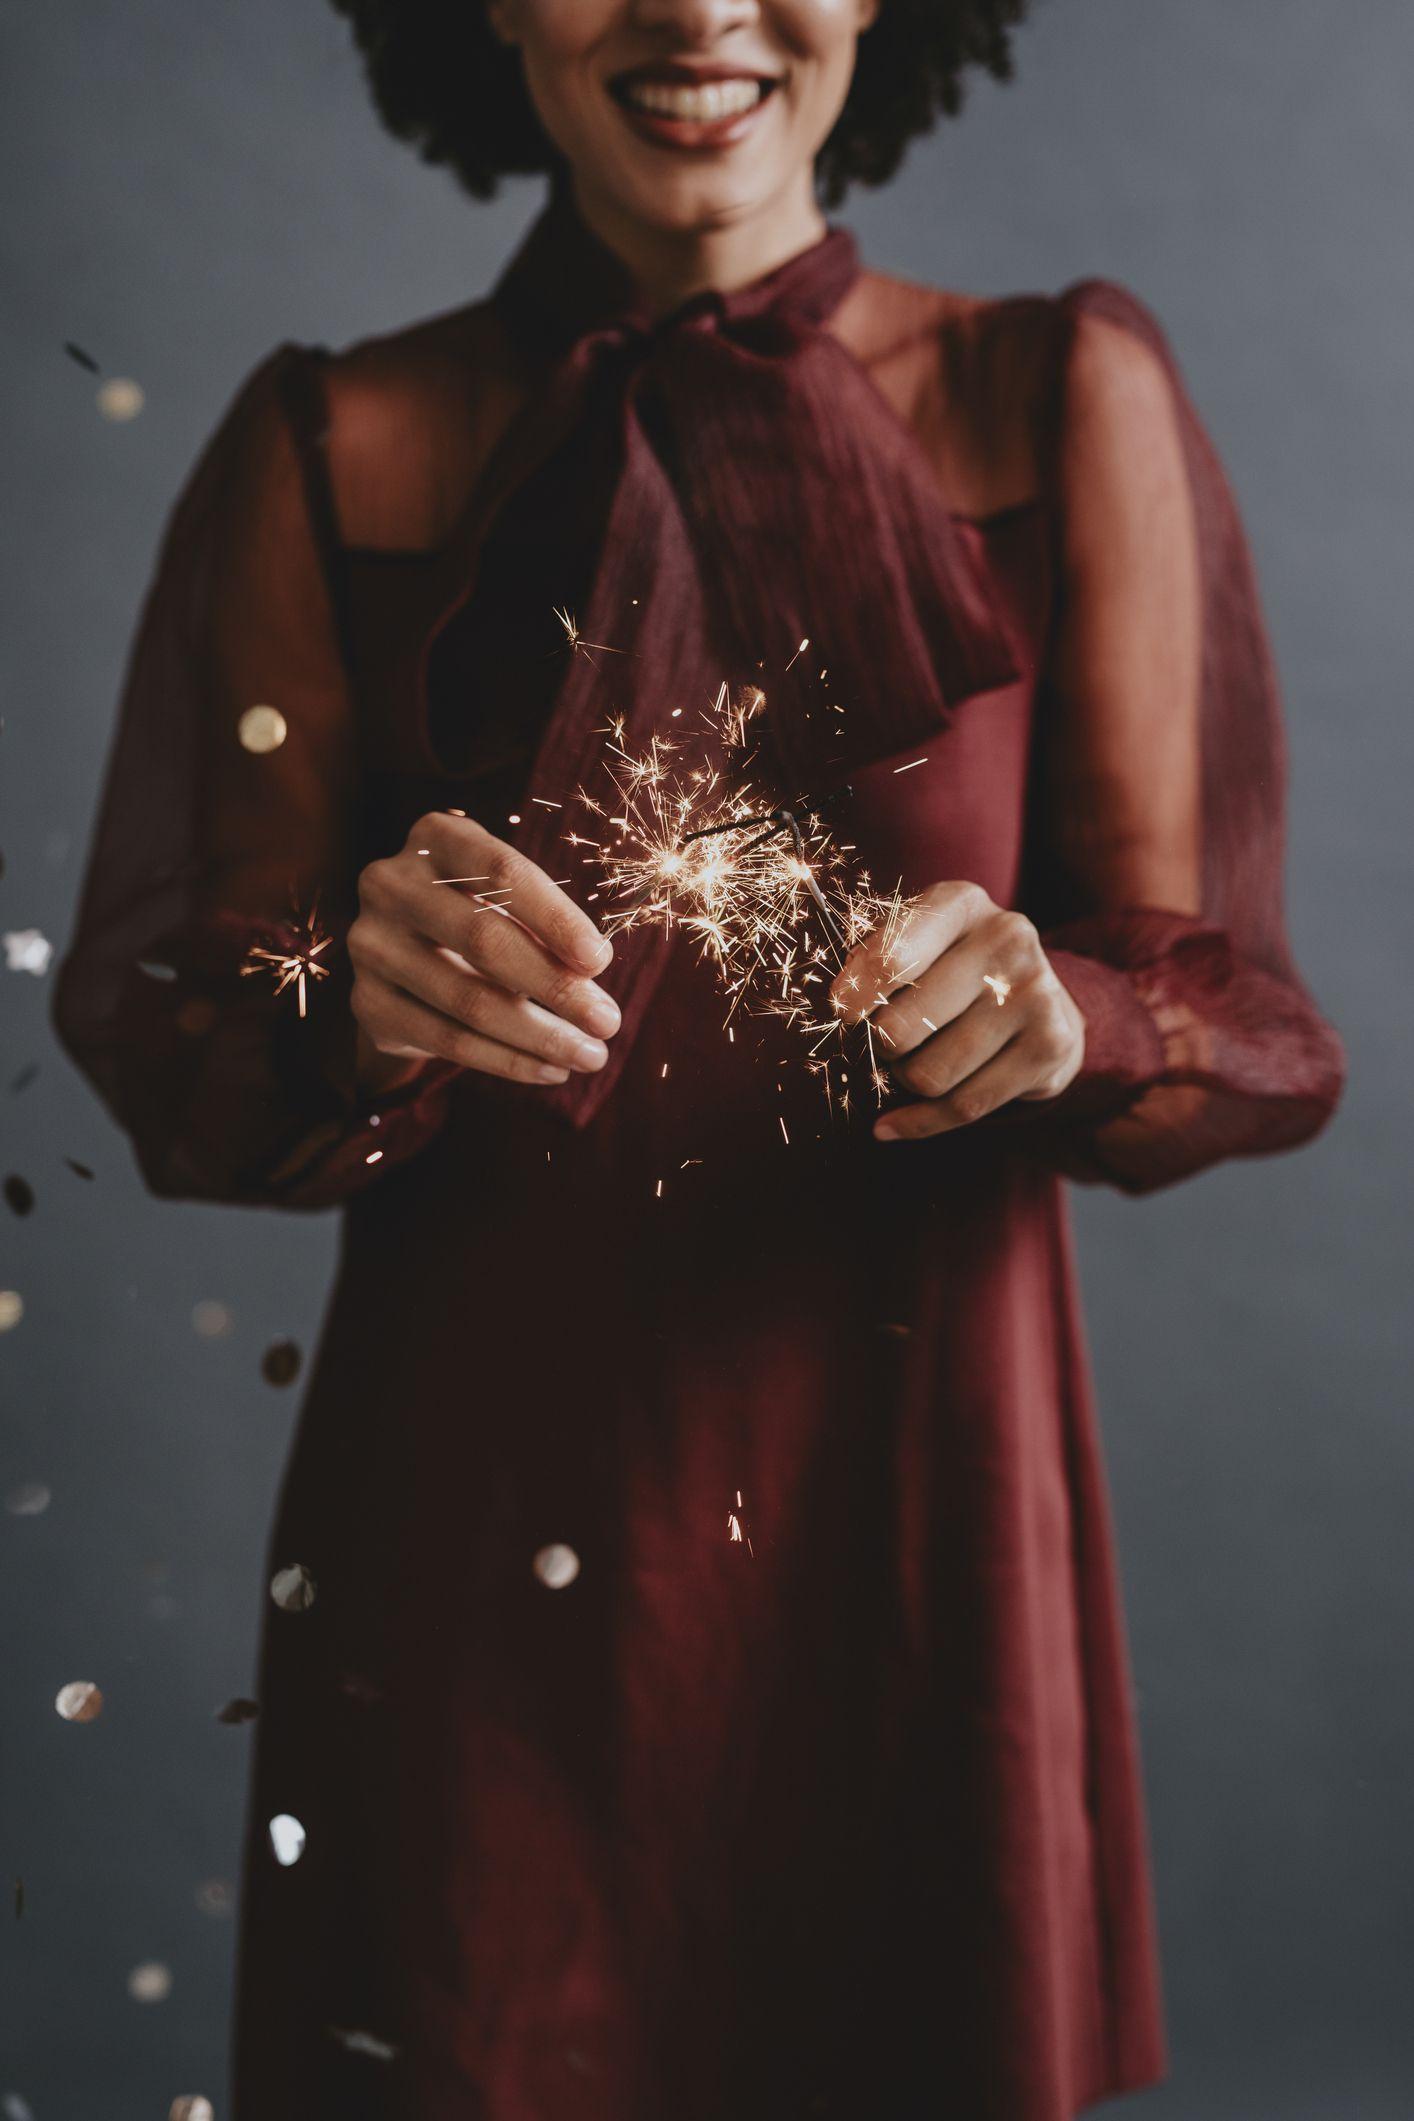 portret anonimne nasmiješene žene u svečanoj crvenoj haljini koja drži blistave, koncept proslave